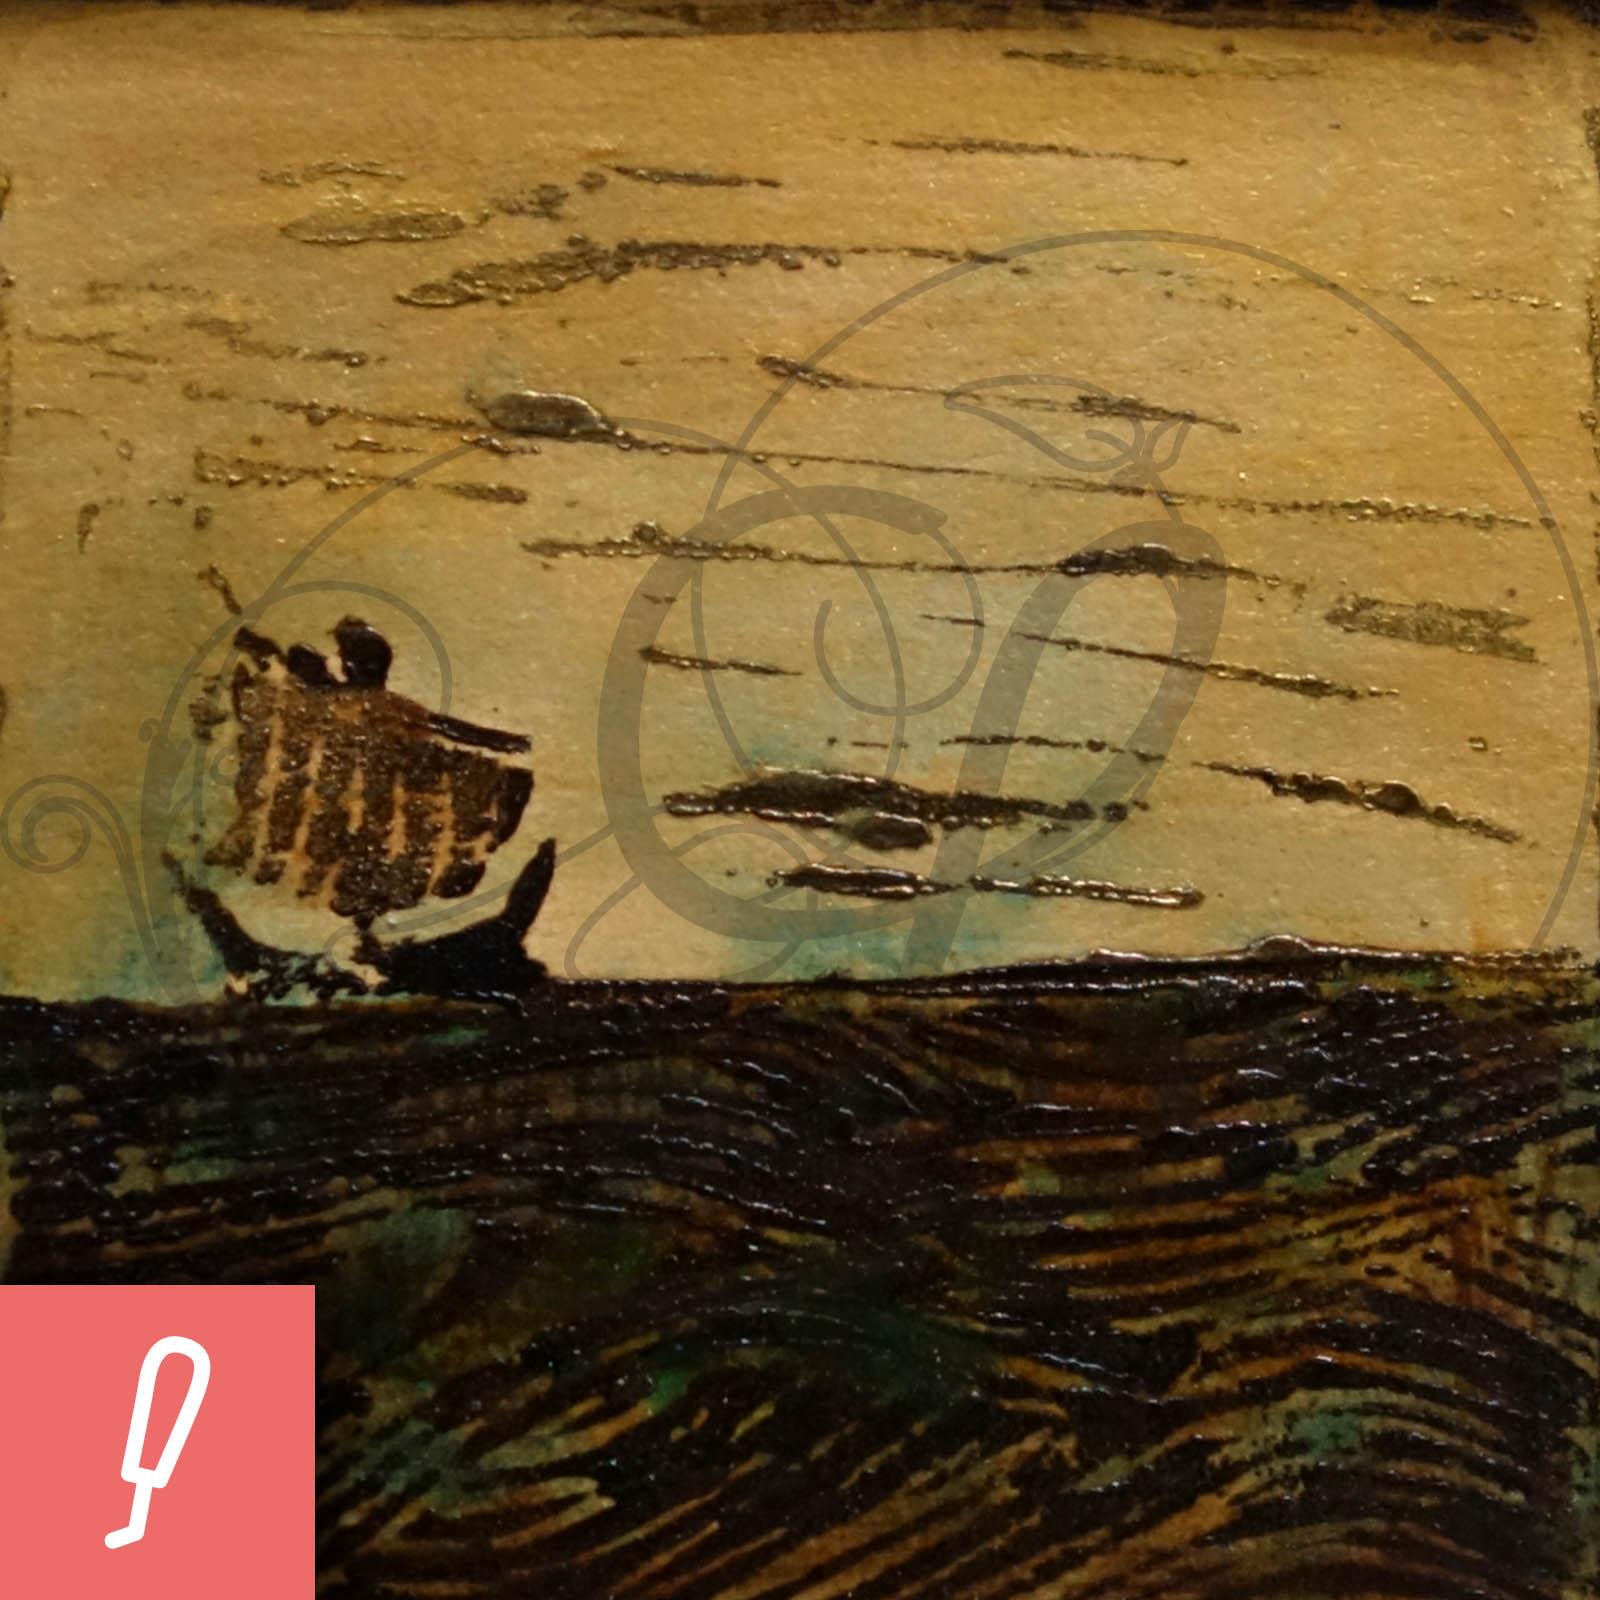 kadeg-gravure-126-01